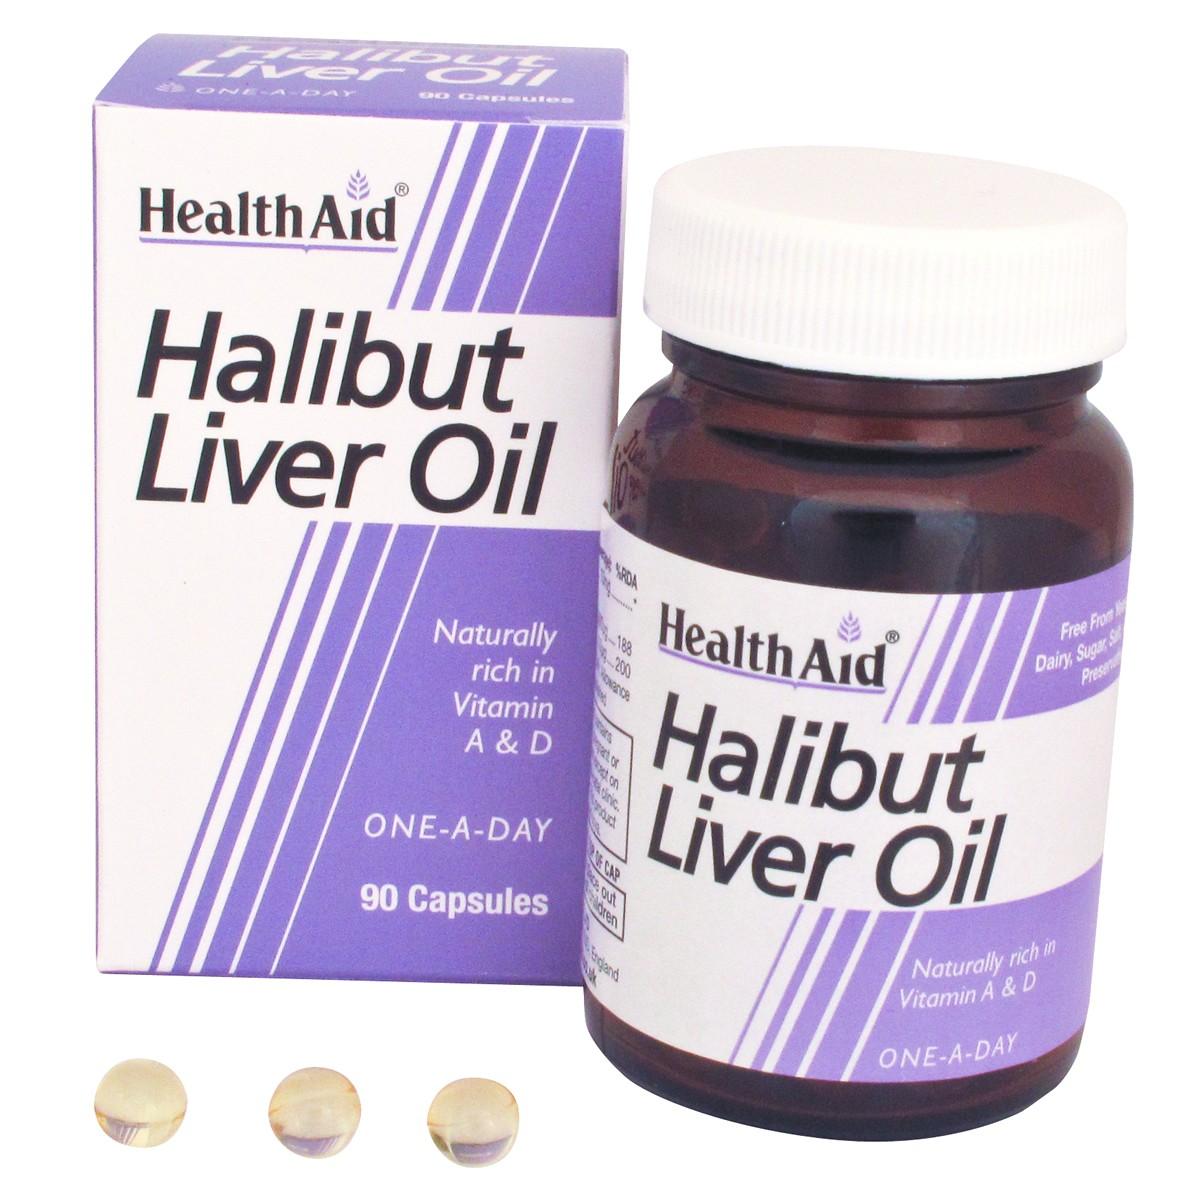 HealthAid Halibut Liver Oil Capsules